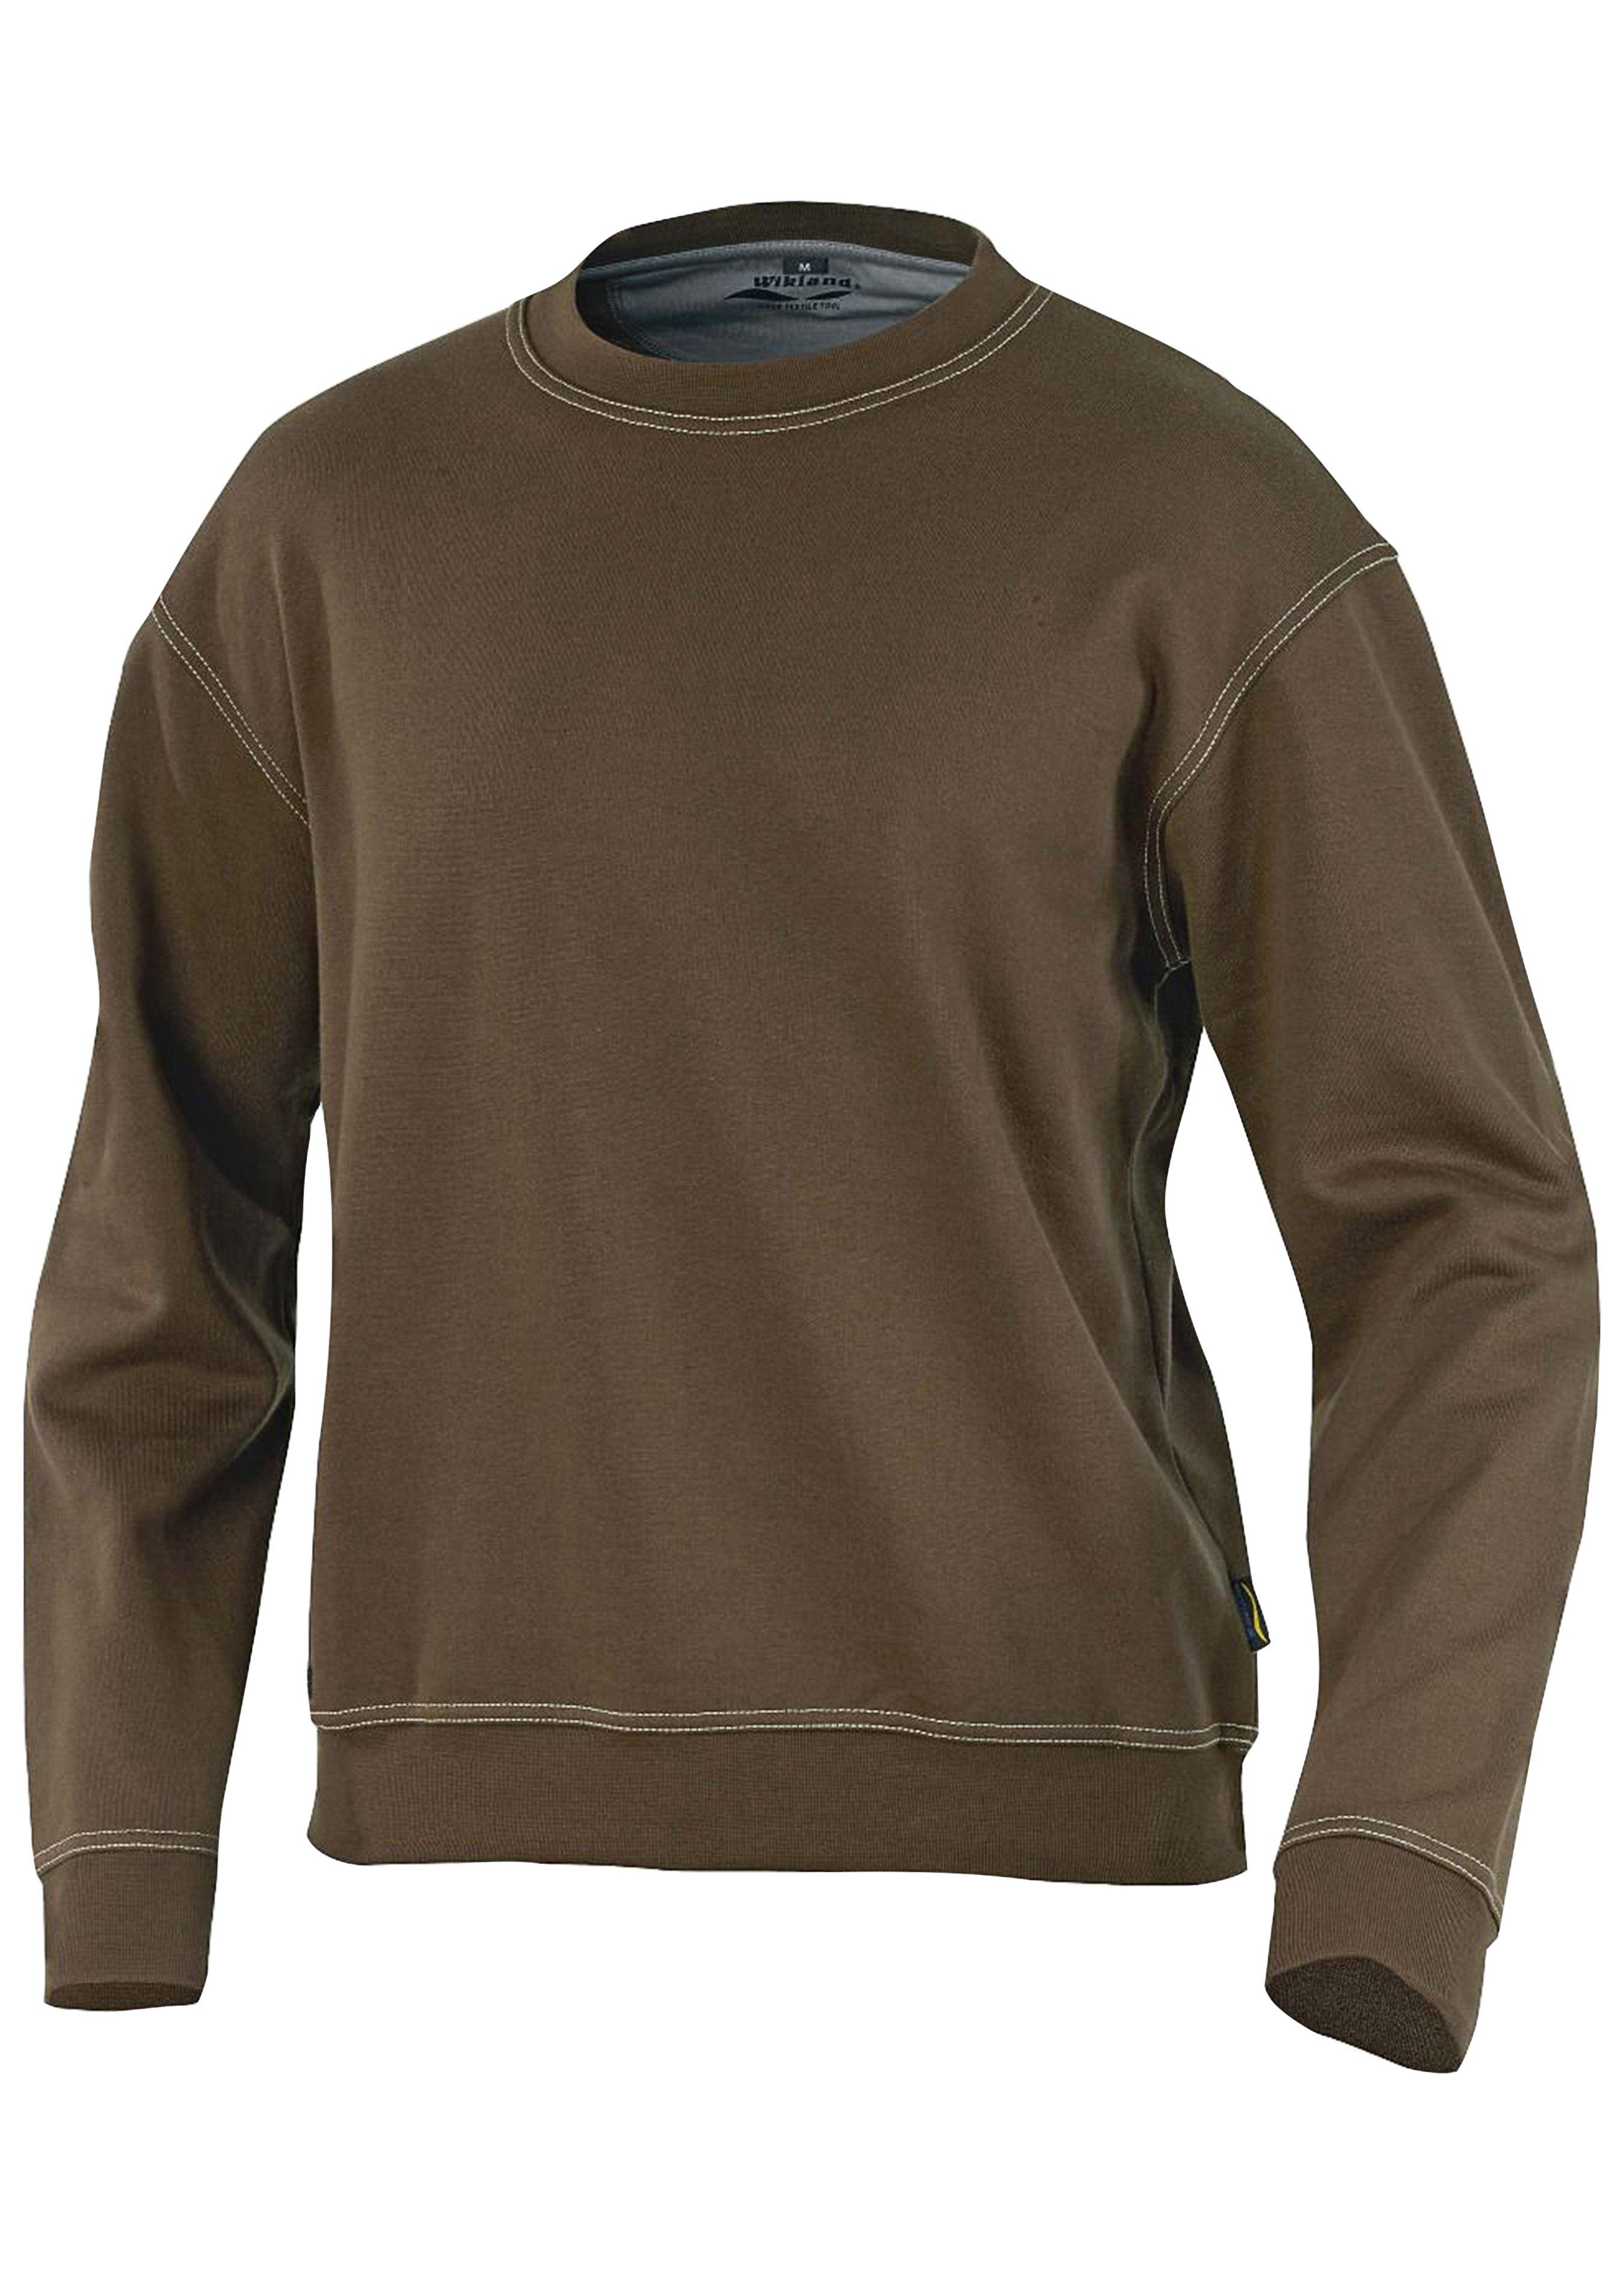 Hakro Pflegeleichtes Sweatshirt in 9 Farben 200240L 1